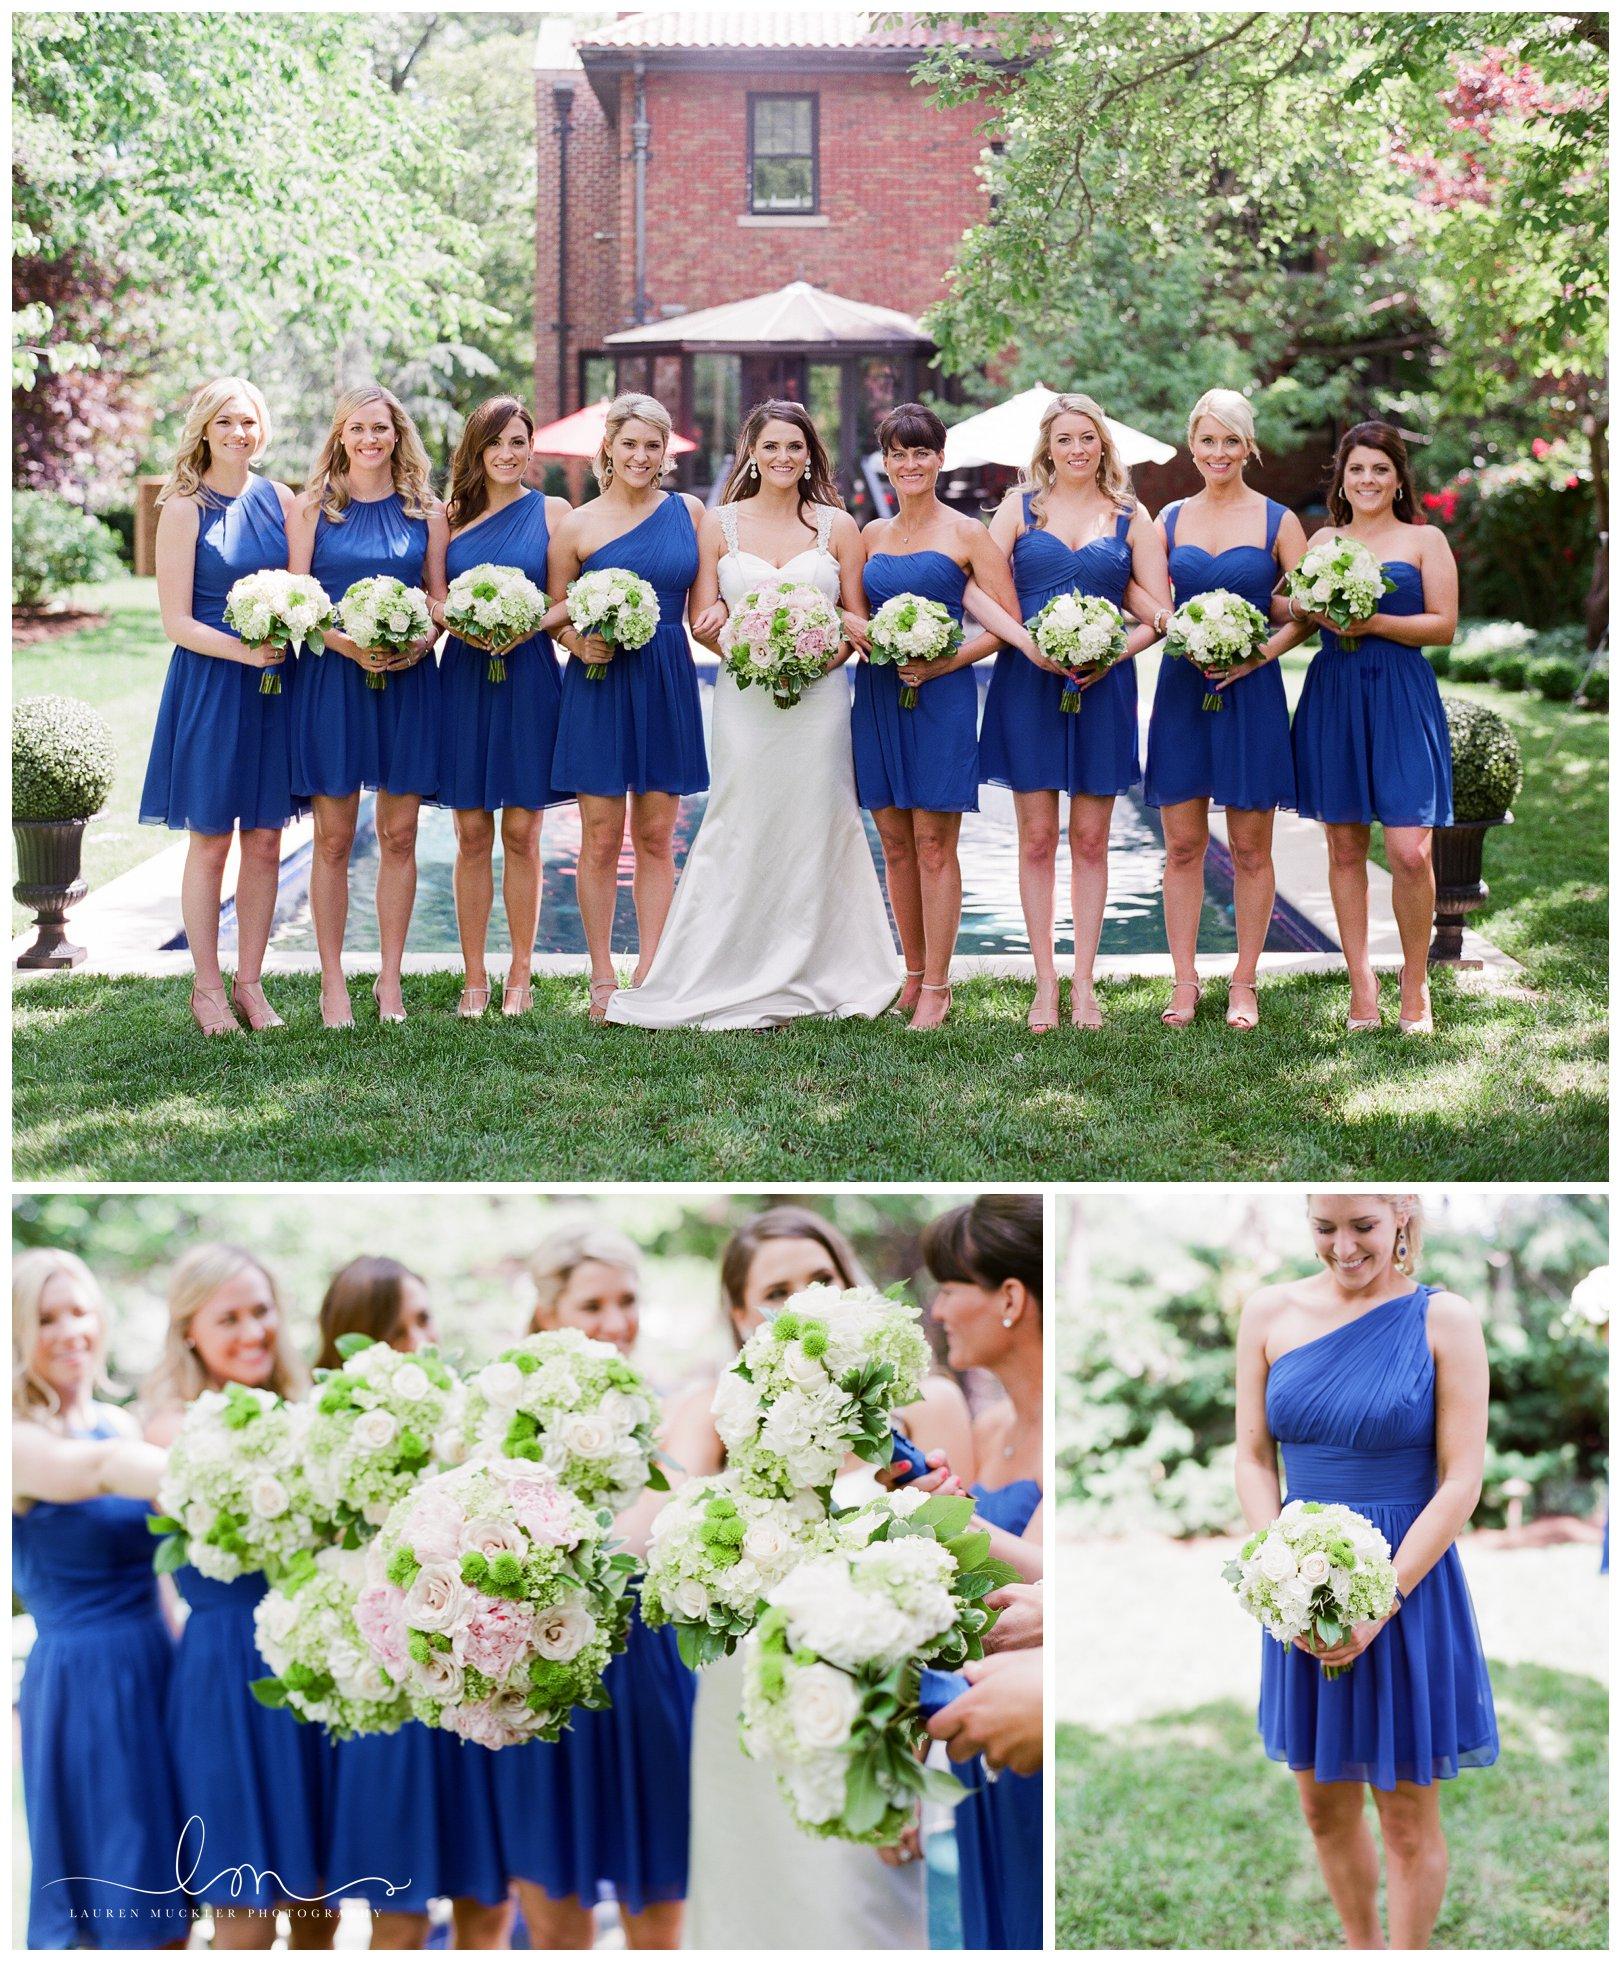 lauren muckler photography_fine art film wedding photography_st louis_photography_0223.jpg